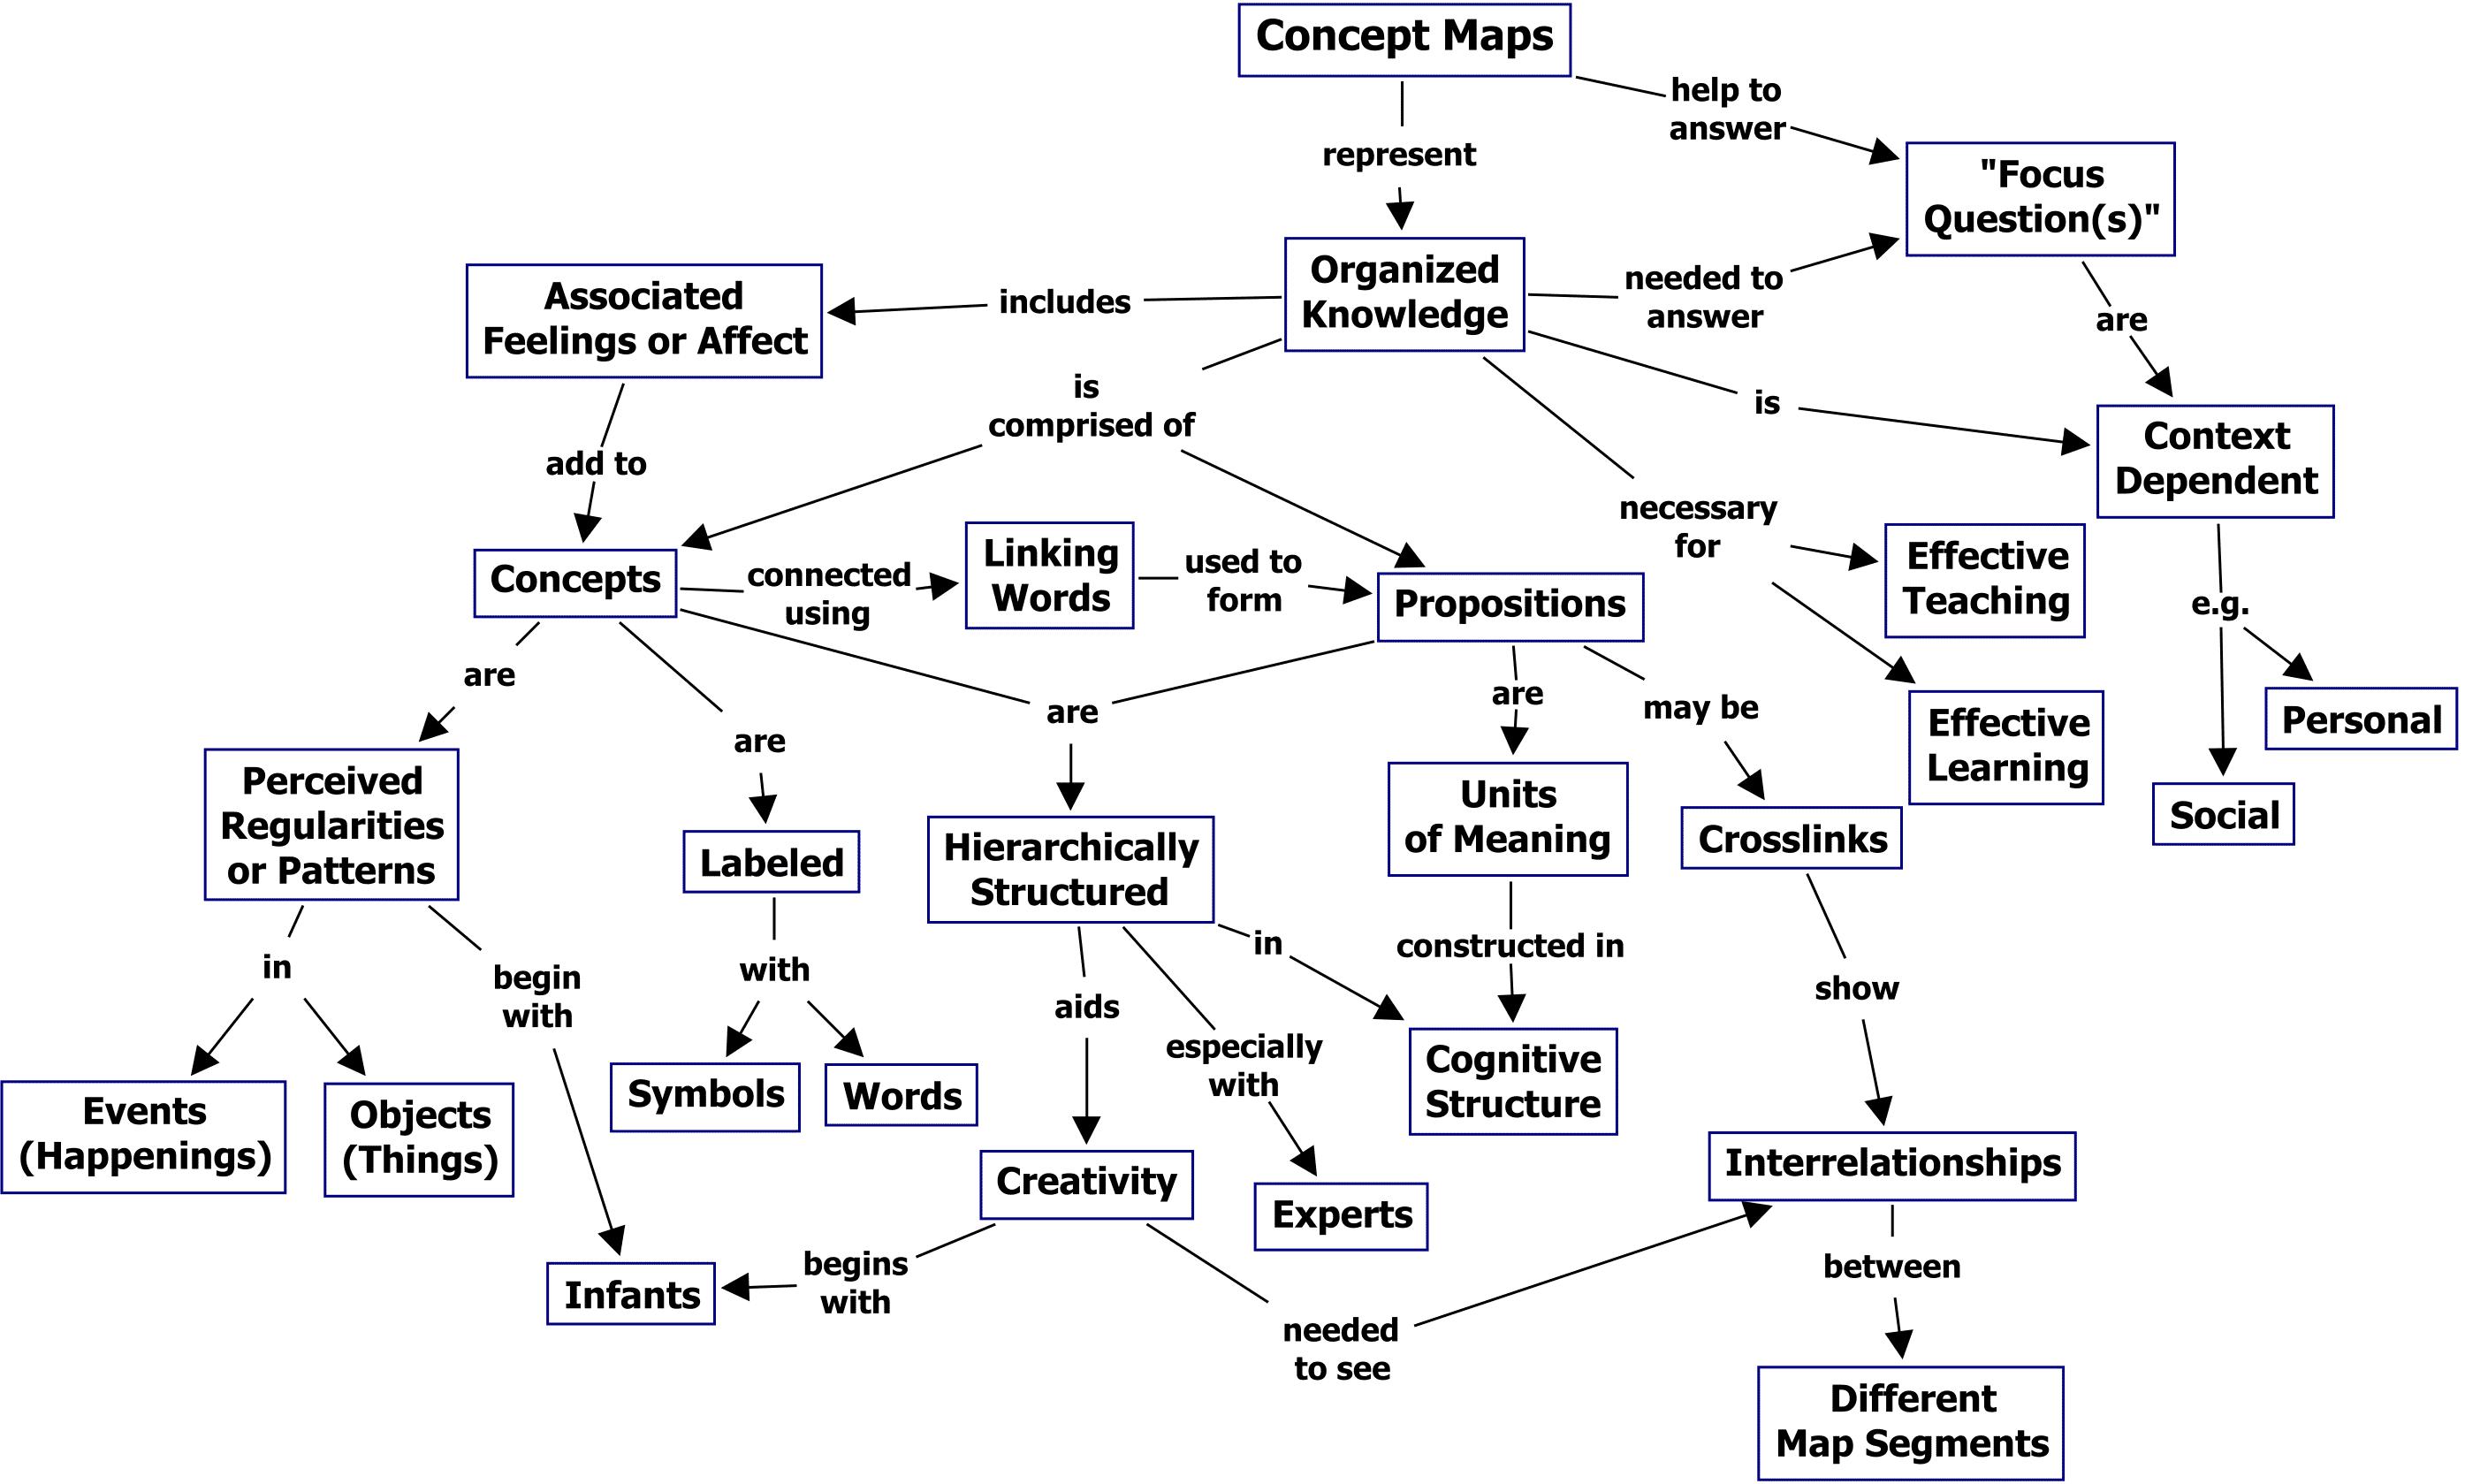 Concept map about concept maps